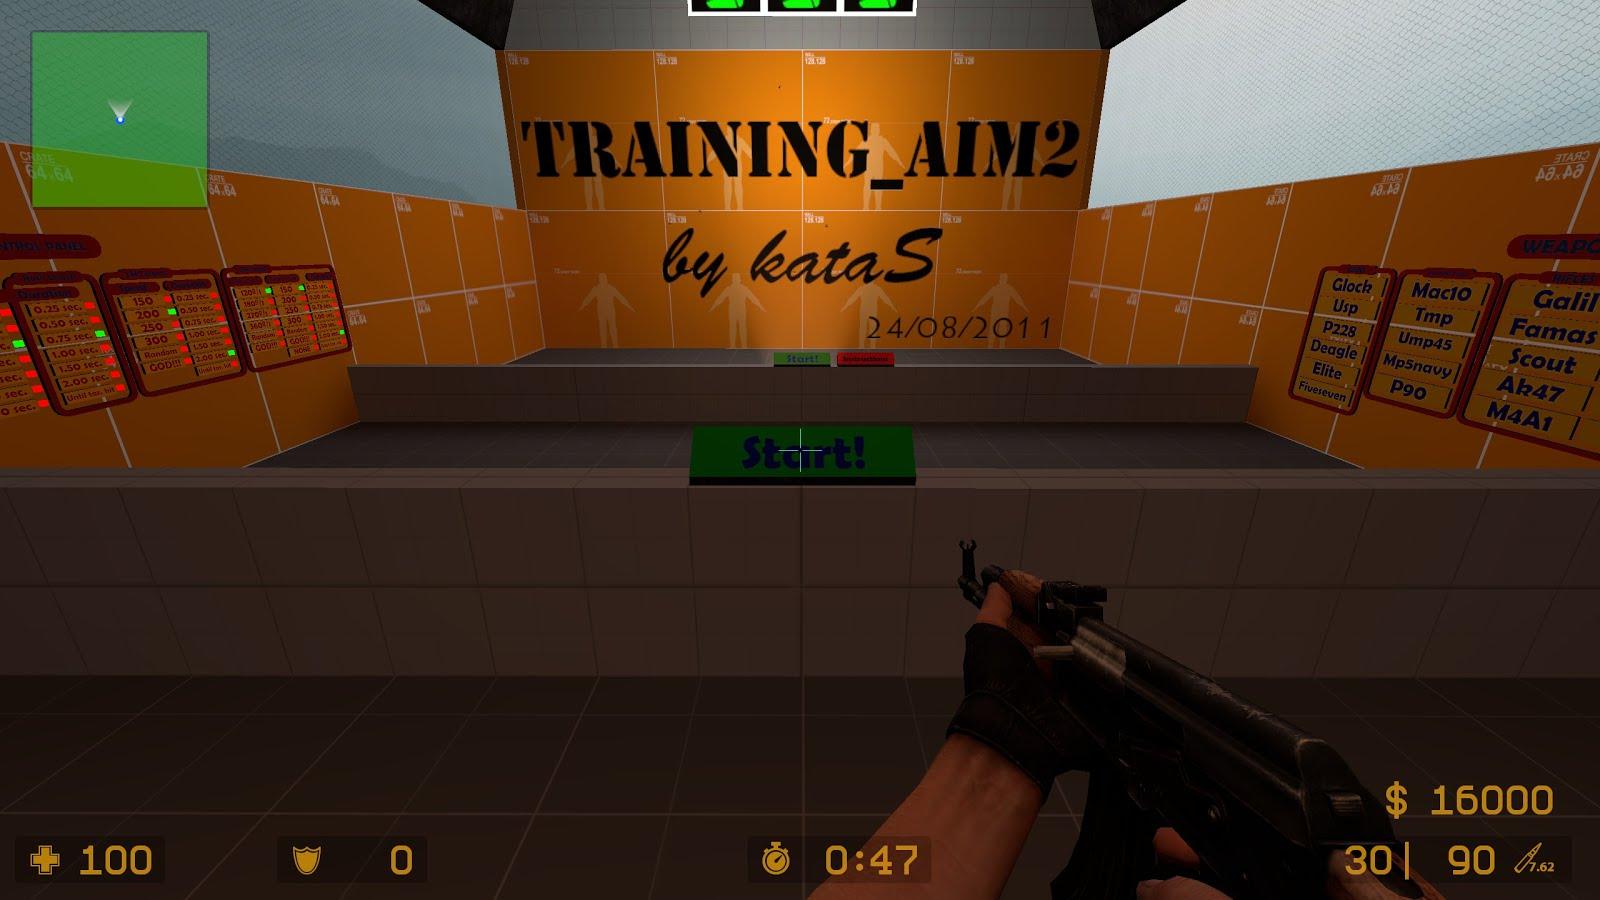 training_aim20001.jpg